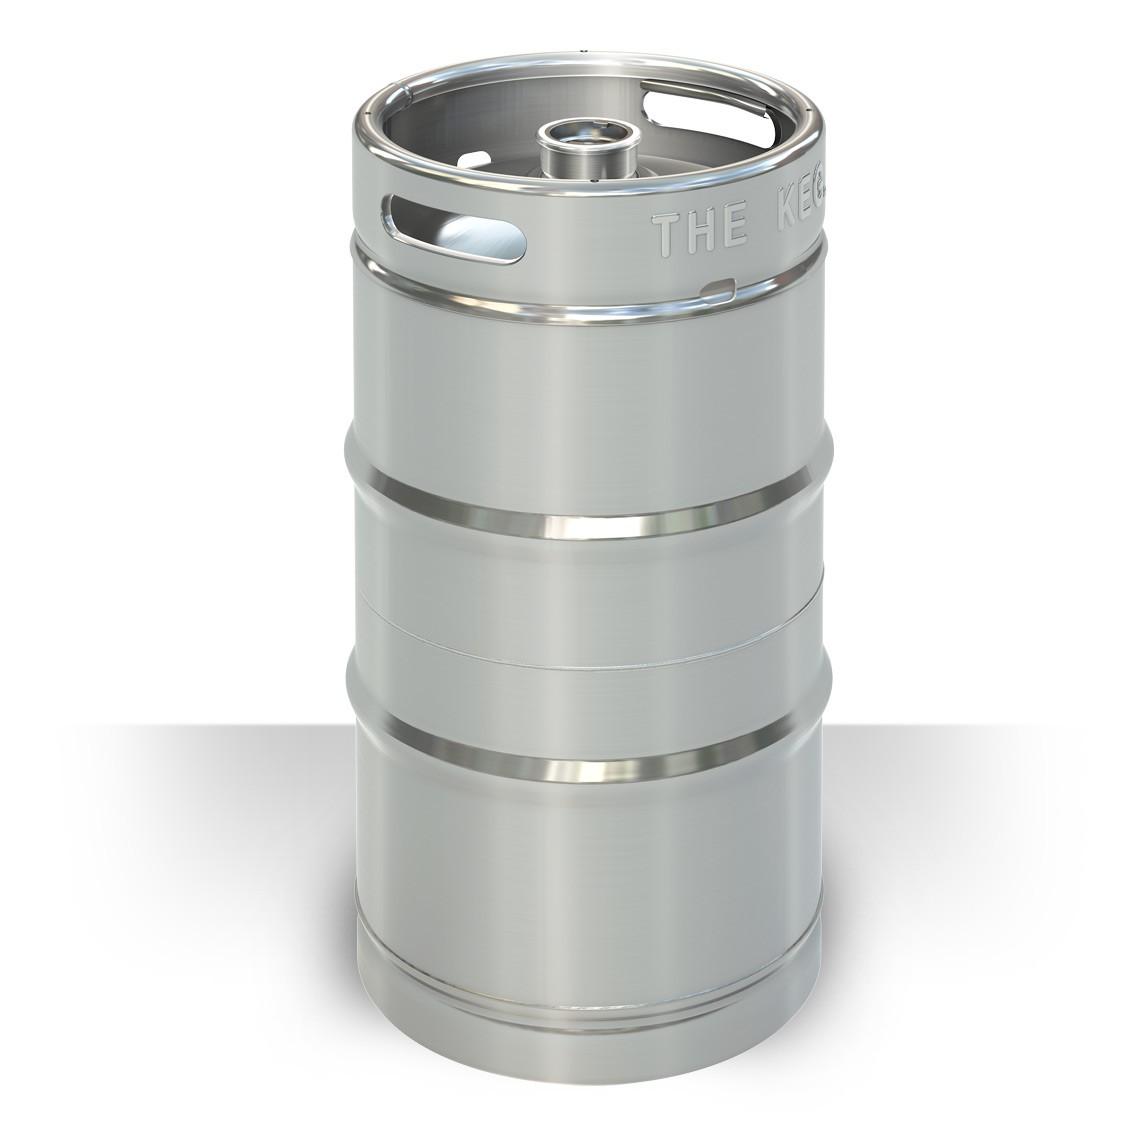 Blefa Kegs Stainless Steel Kegs